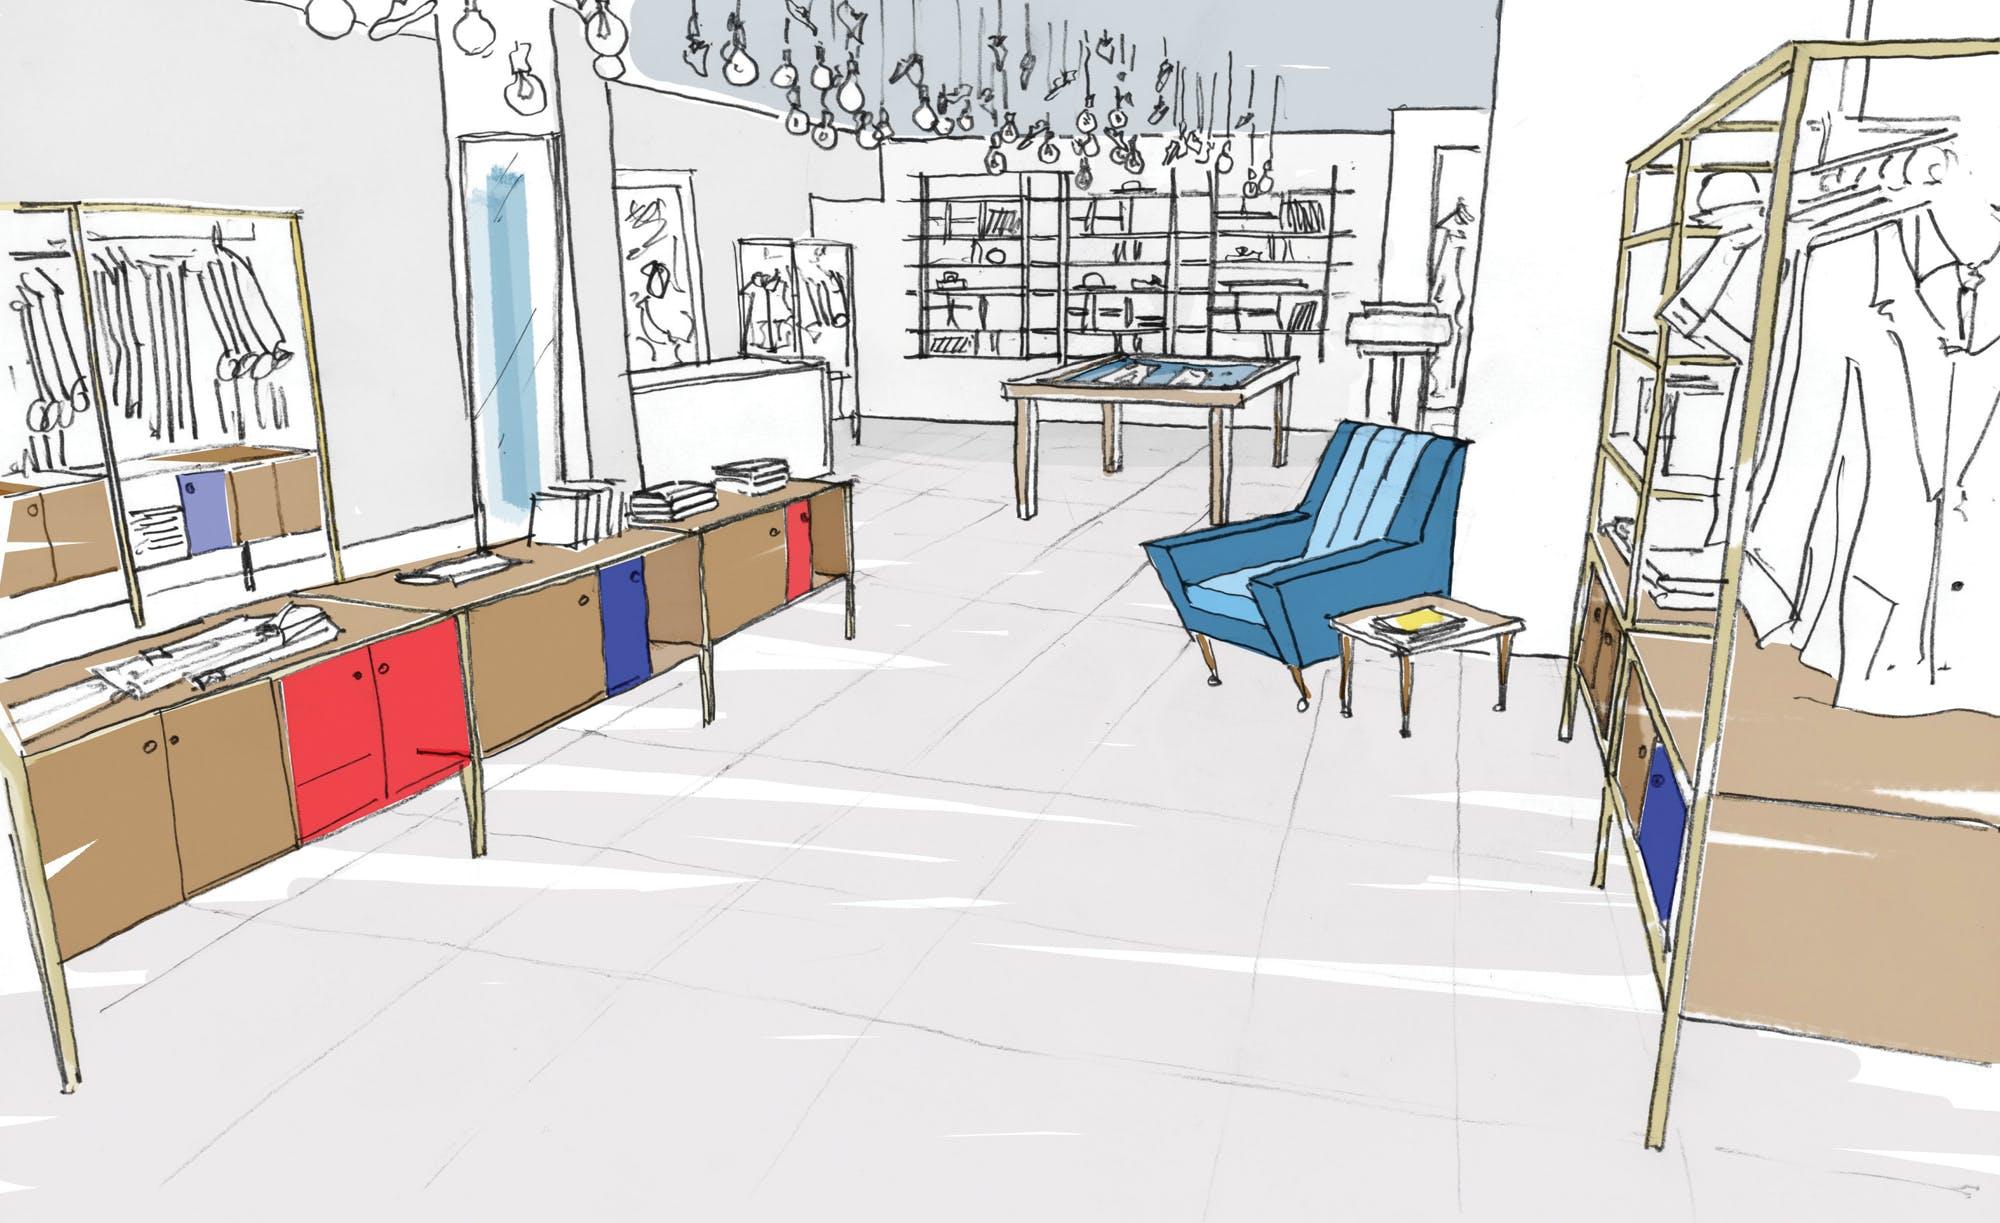 Service design is revolutionising retail